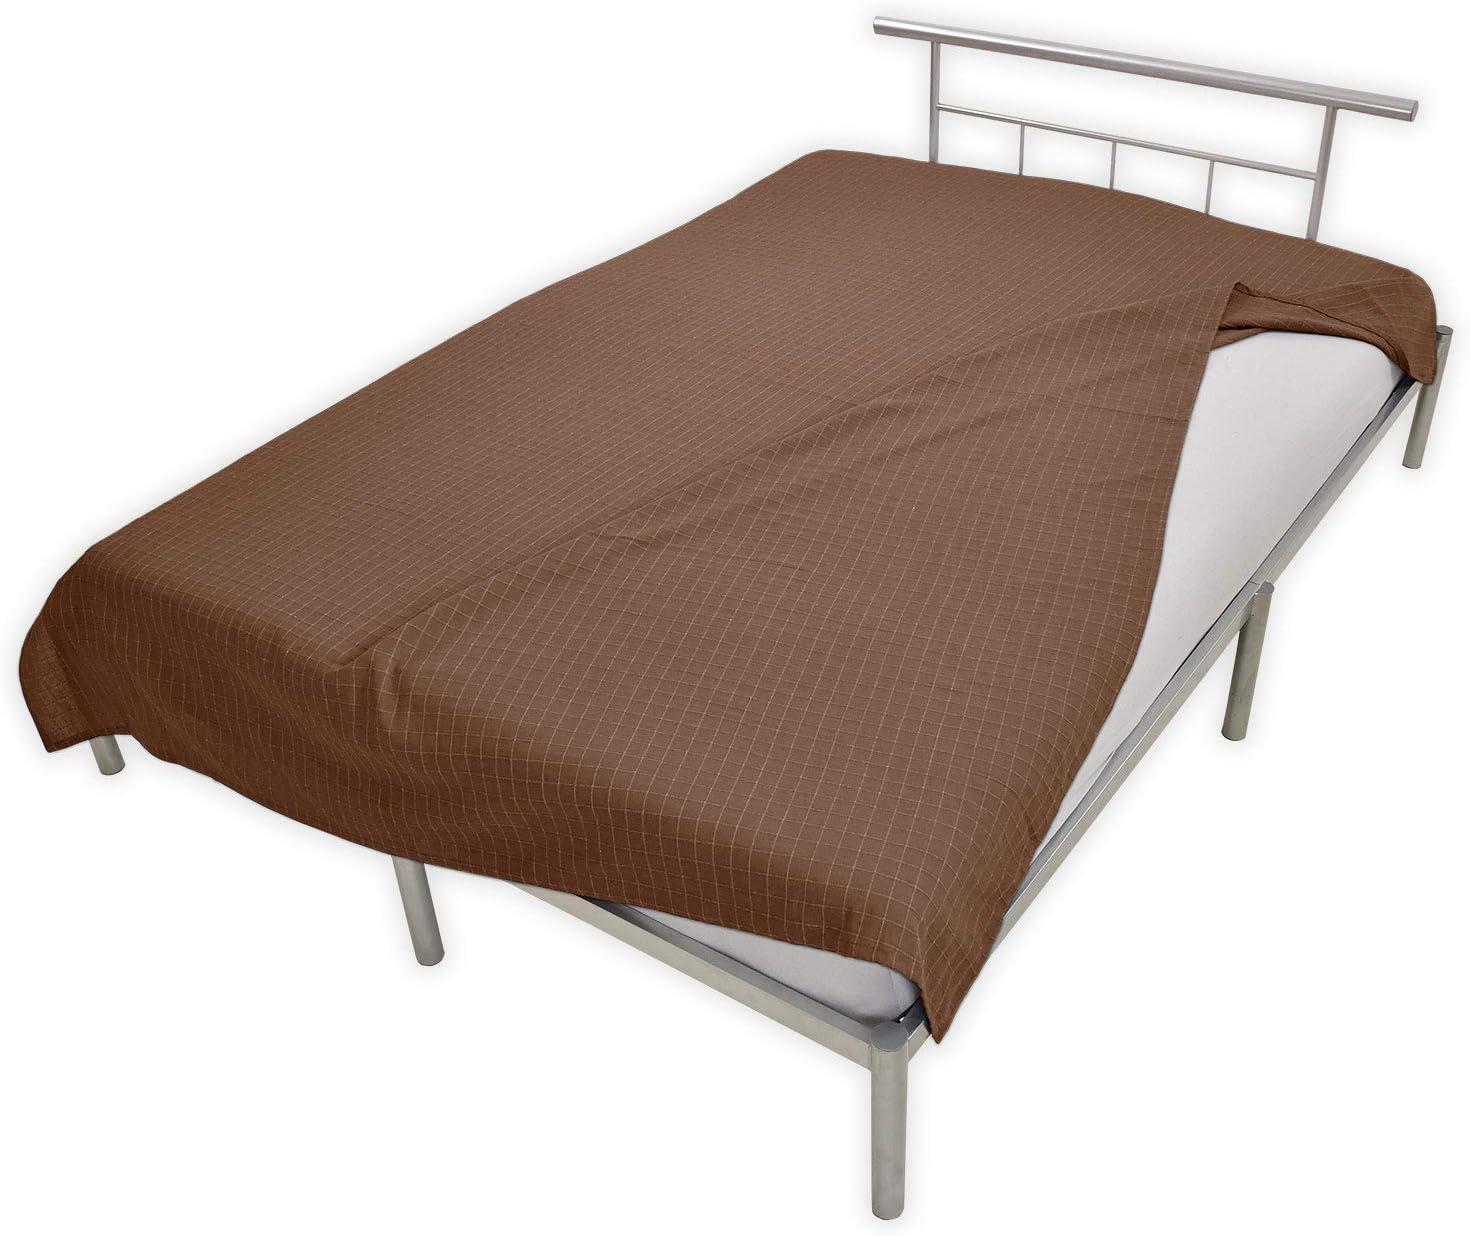 Nurtextil24 Monika Sofa/überwurf 100/% Baumwolle /Überwurf Decke Sesselschoner Bett/überwurf Lila 220 x 150 cm